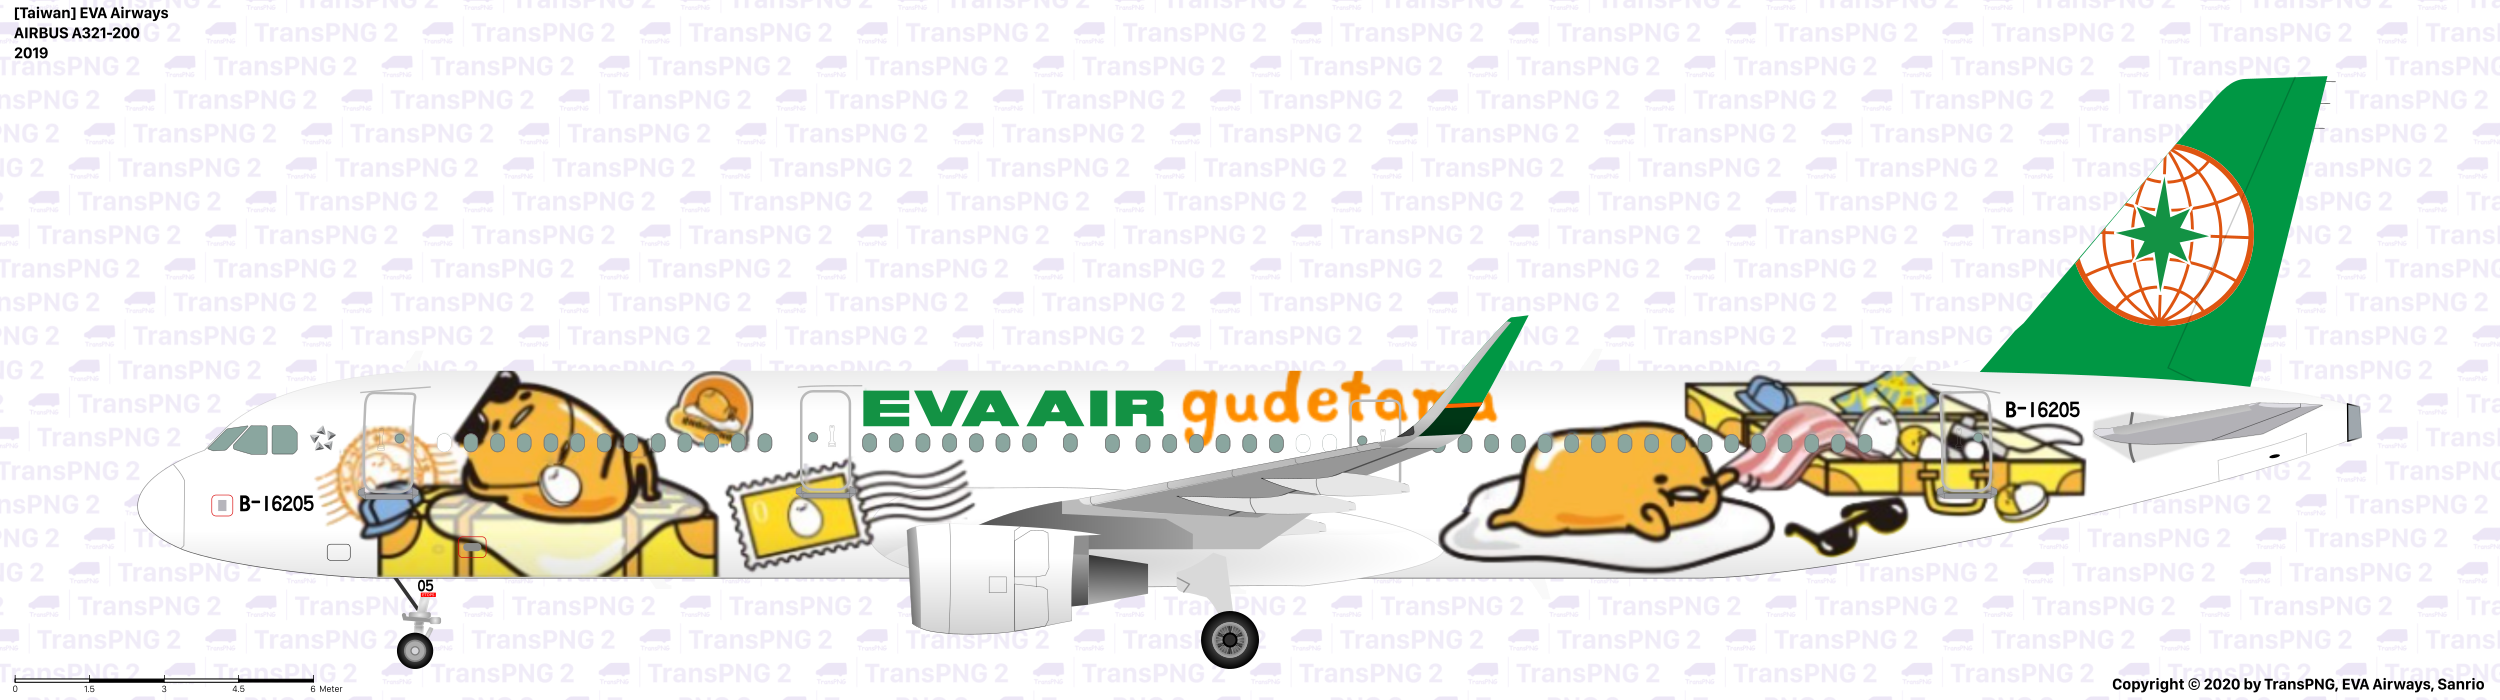 [25075] 長榮航空 25075